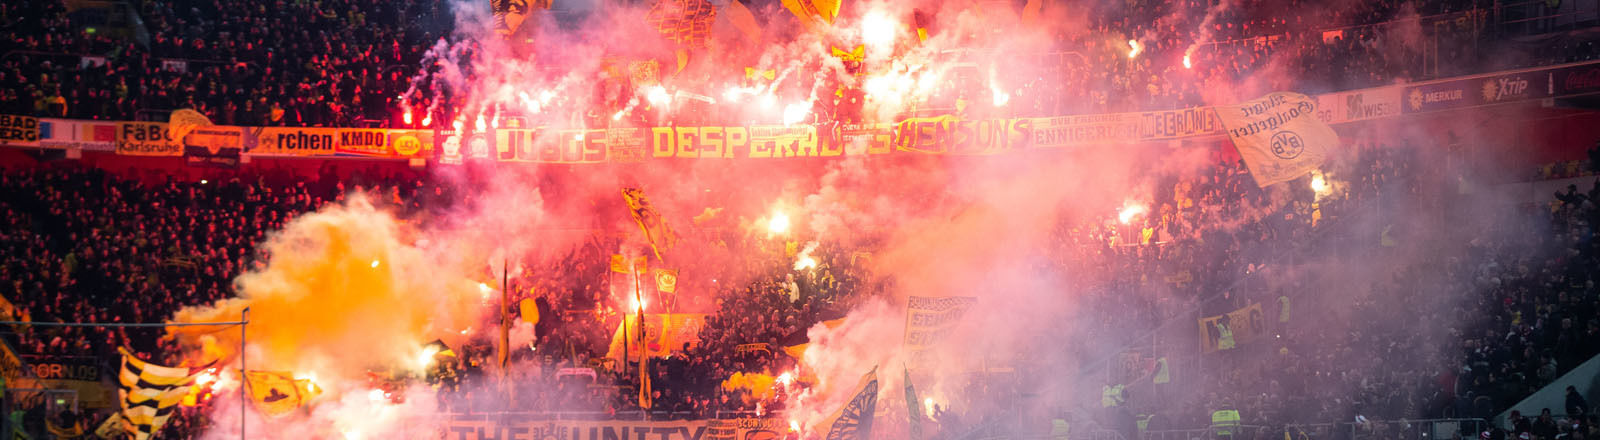 Pyro im Fußballstadion